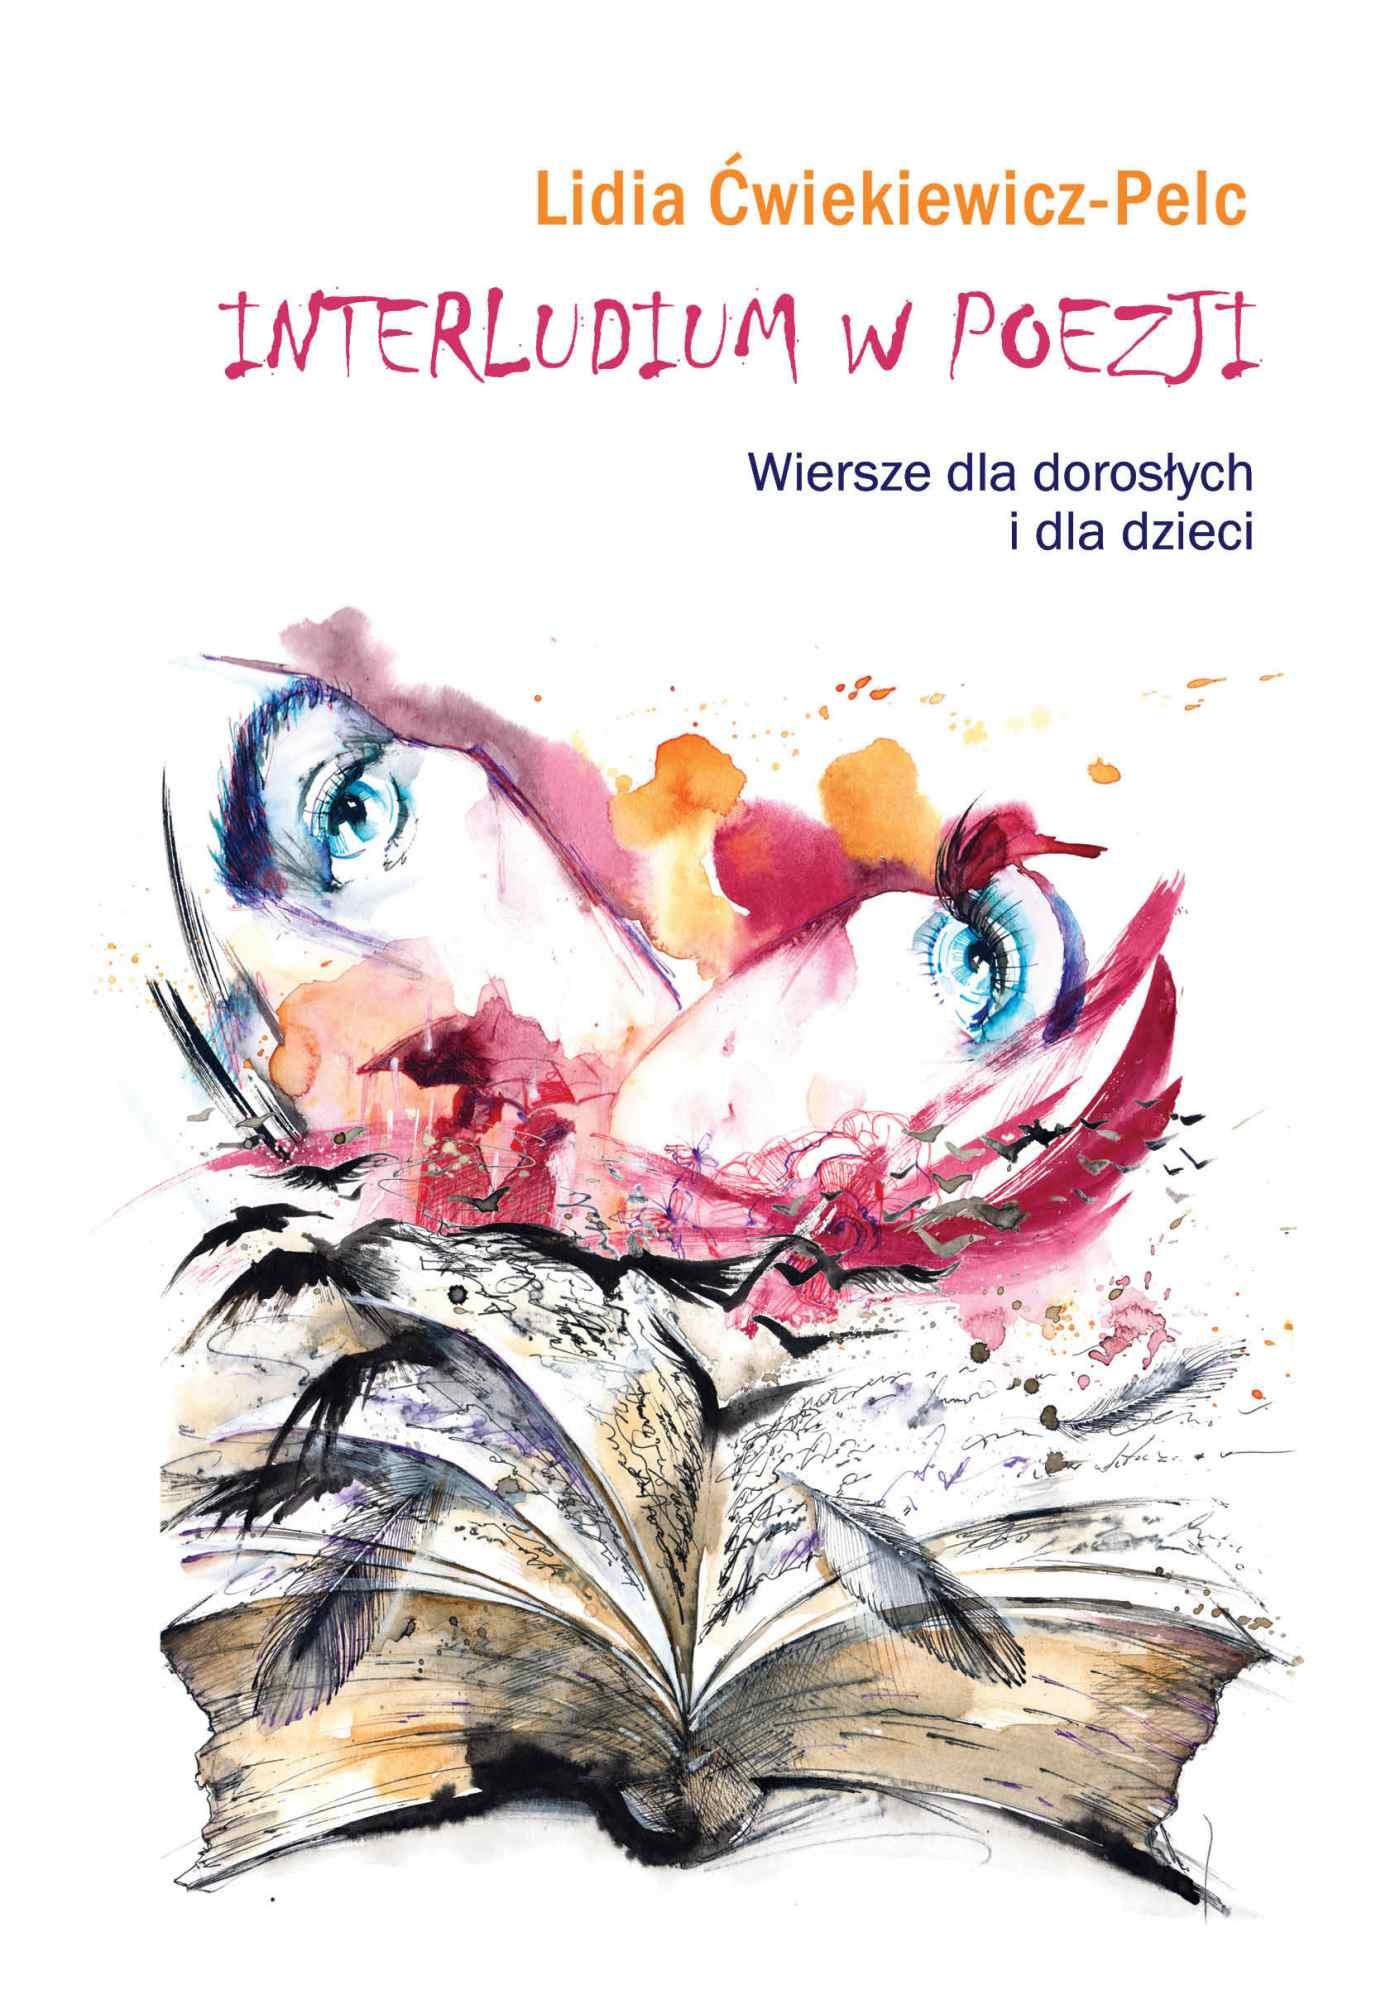 Interludium w poezji. Wiersze dla dorosłych i dla dzieci - Ebook (Książka EPUB) do pobrania w formacie EPUB